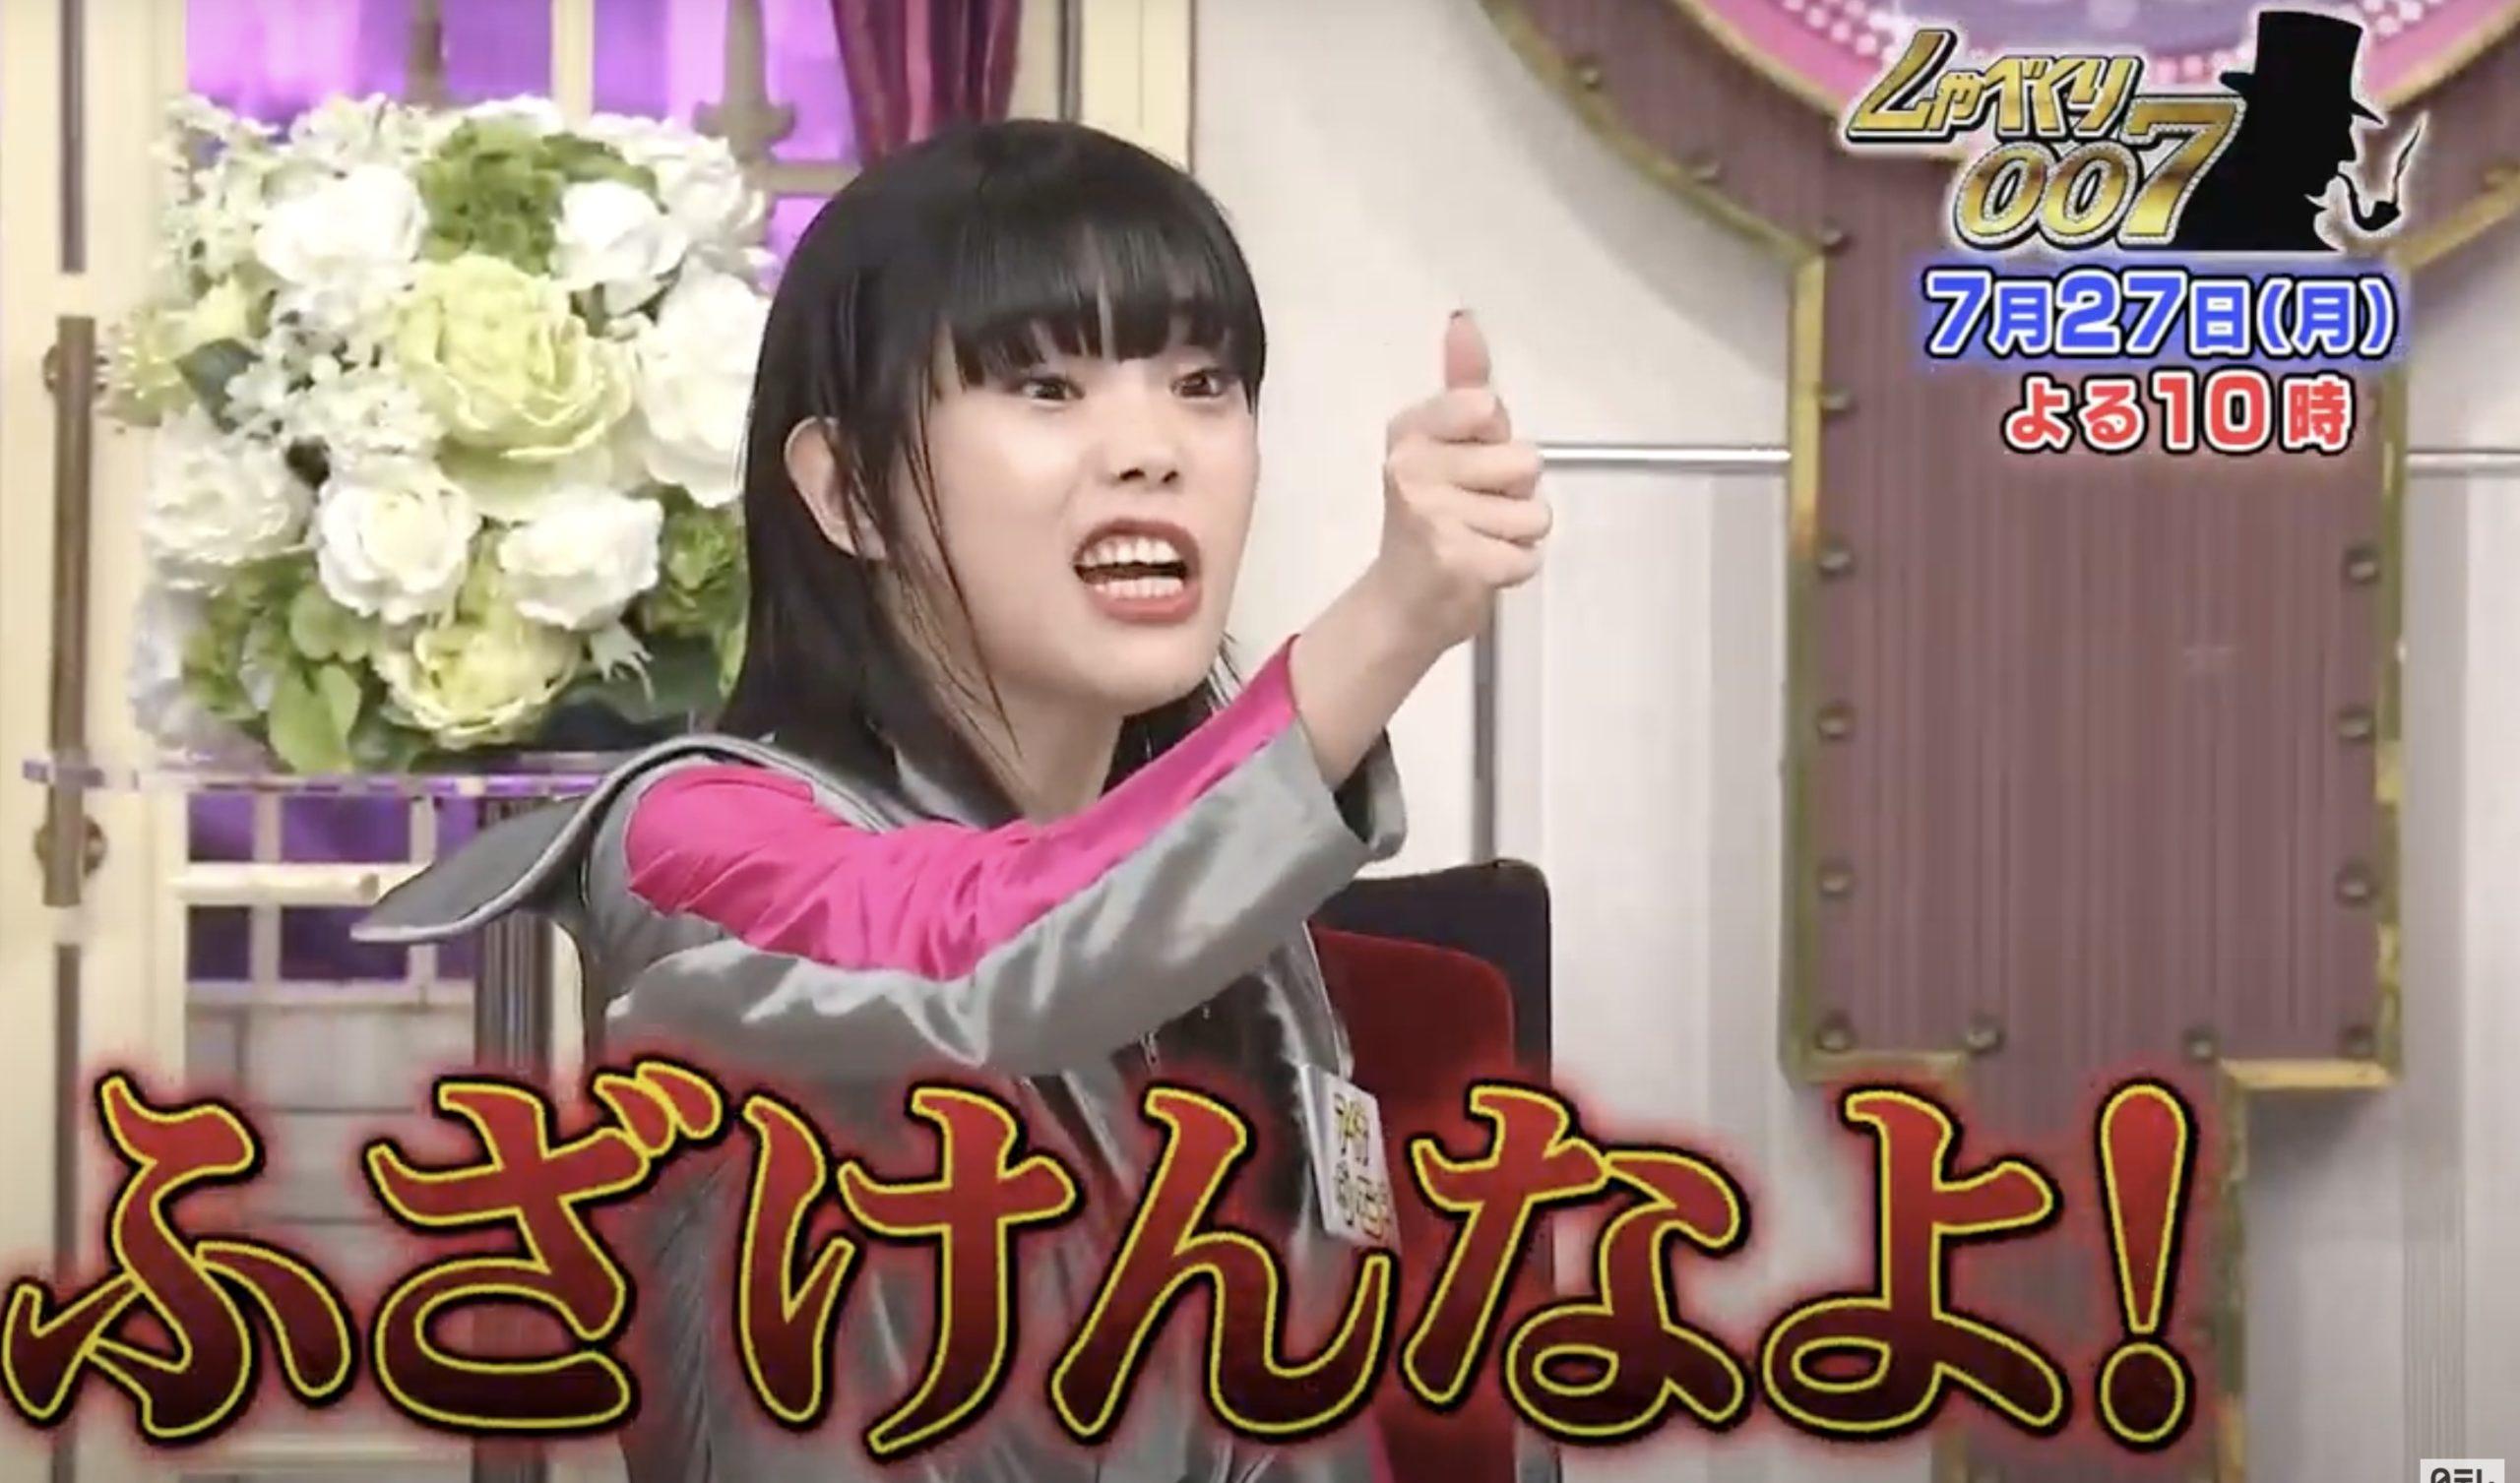 しゃべくり007(BiSH)7月27日の無料動画や見逃し配信を視聴する方法!